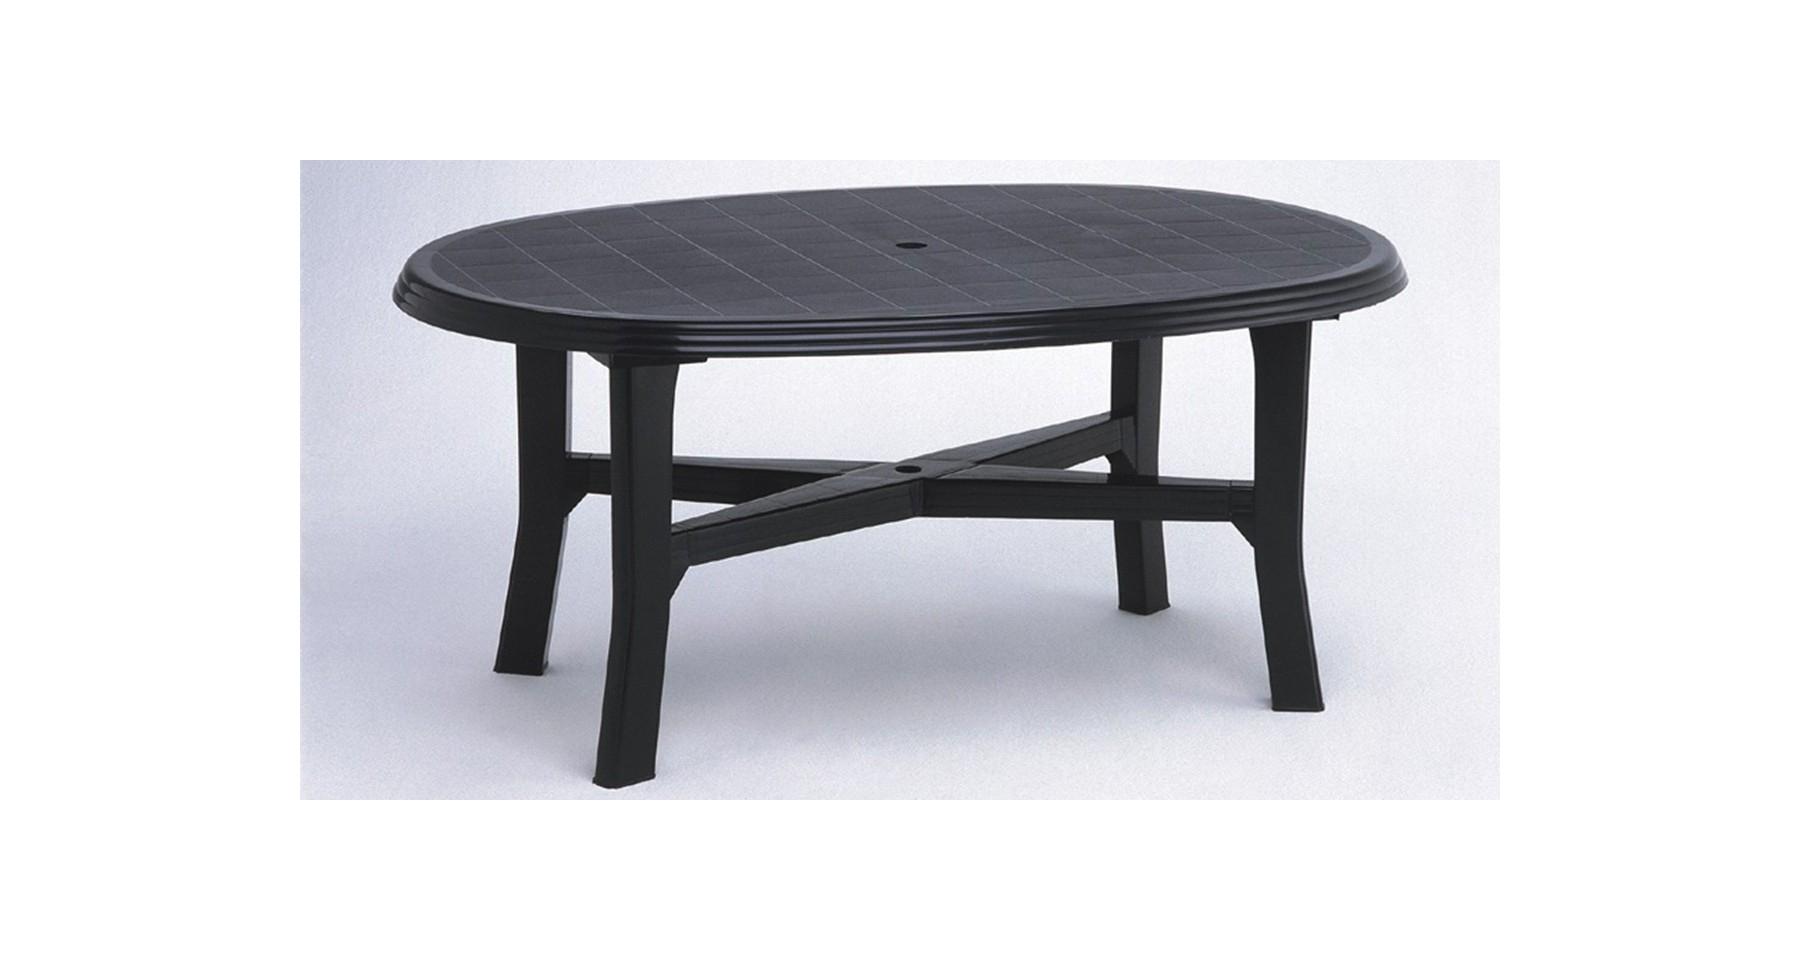 Table De Jardin Gris Anthracite Ovale En Résine Plastique 6 Personnes Load concernant Table Jardin 6 Personnes